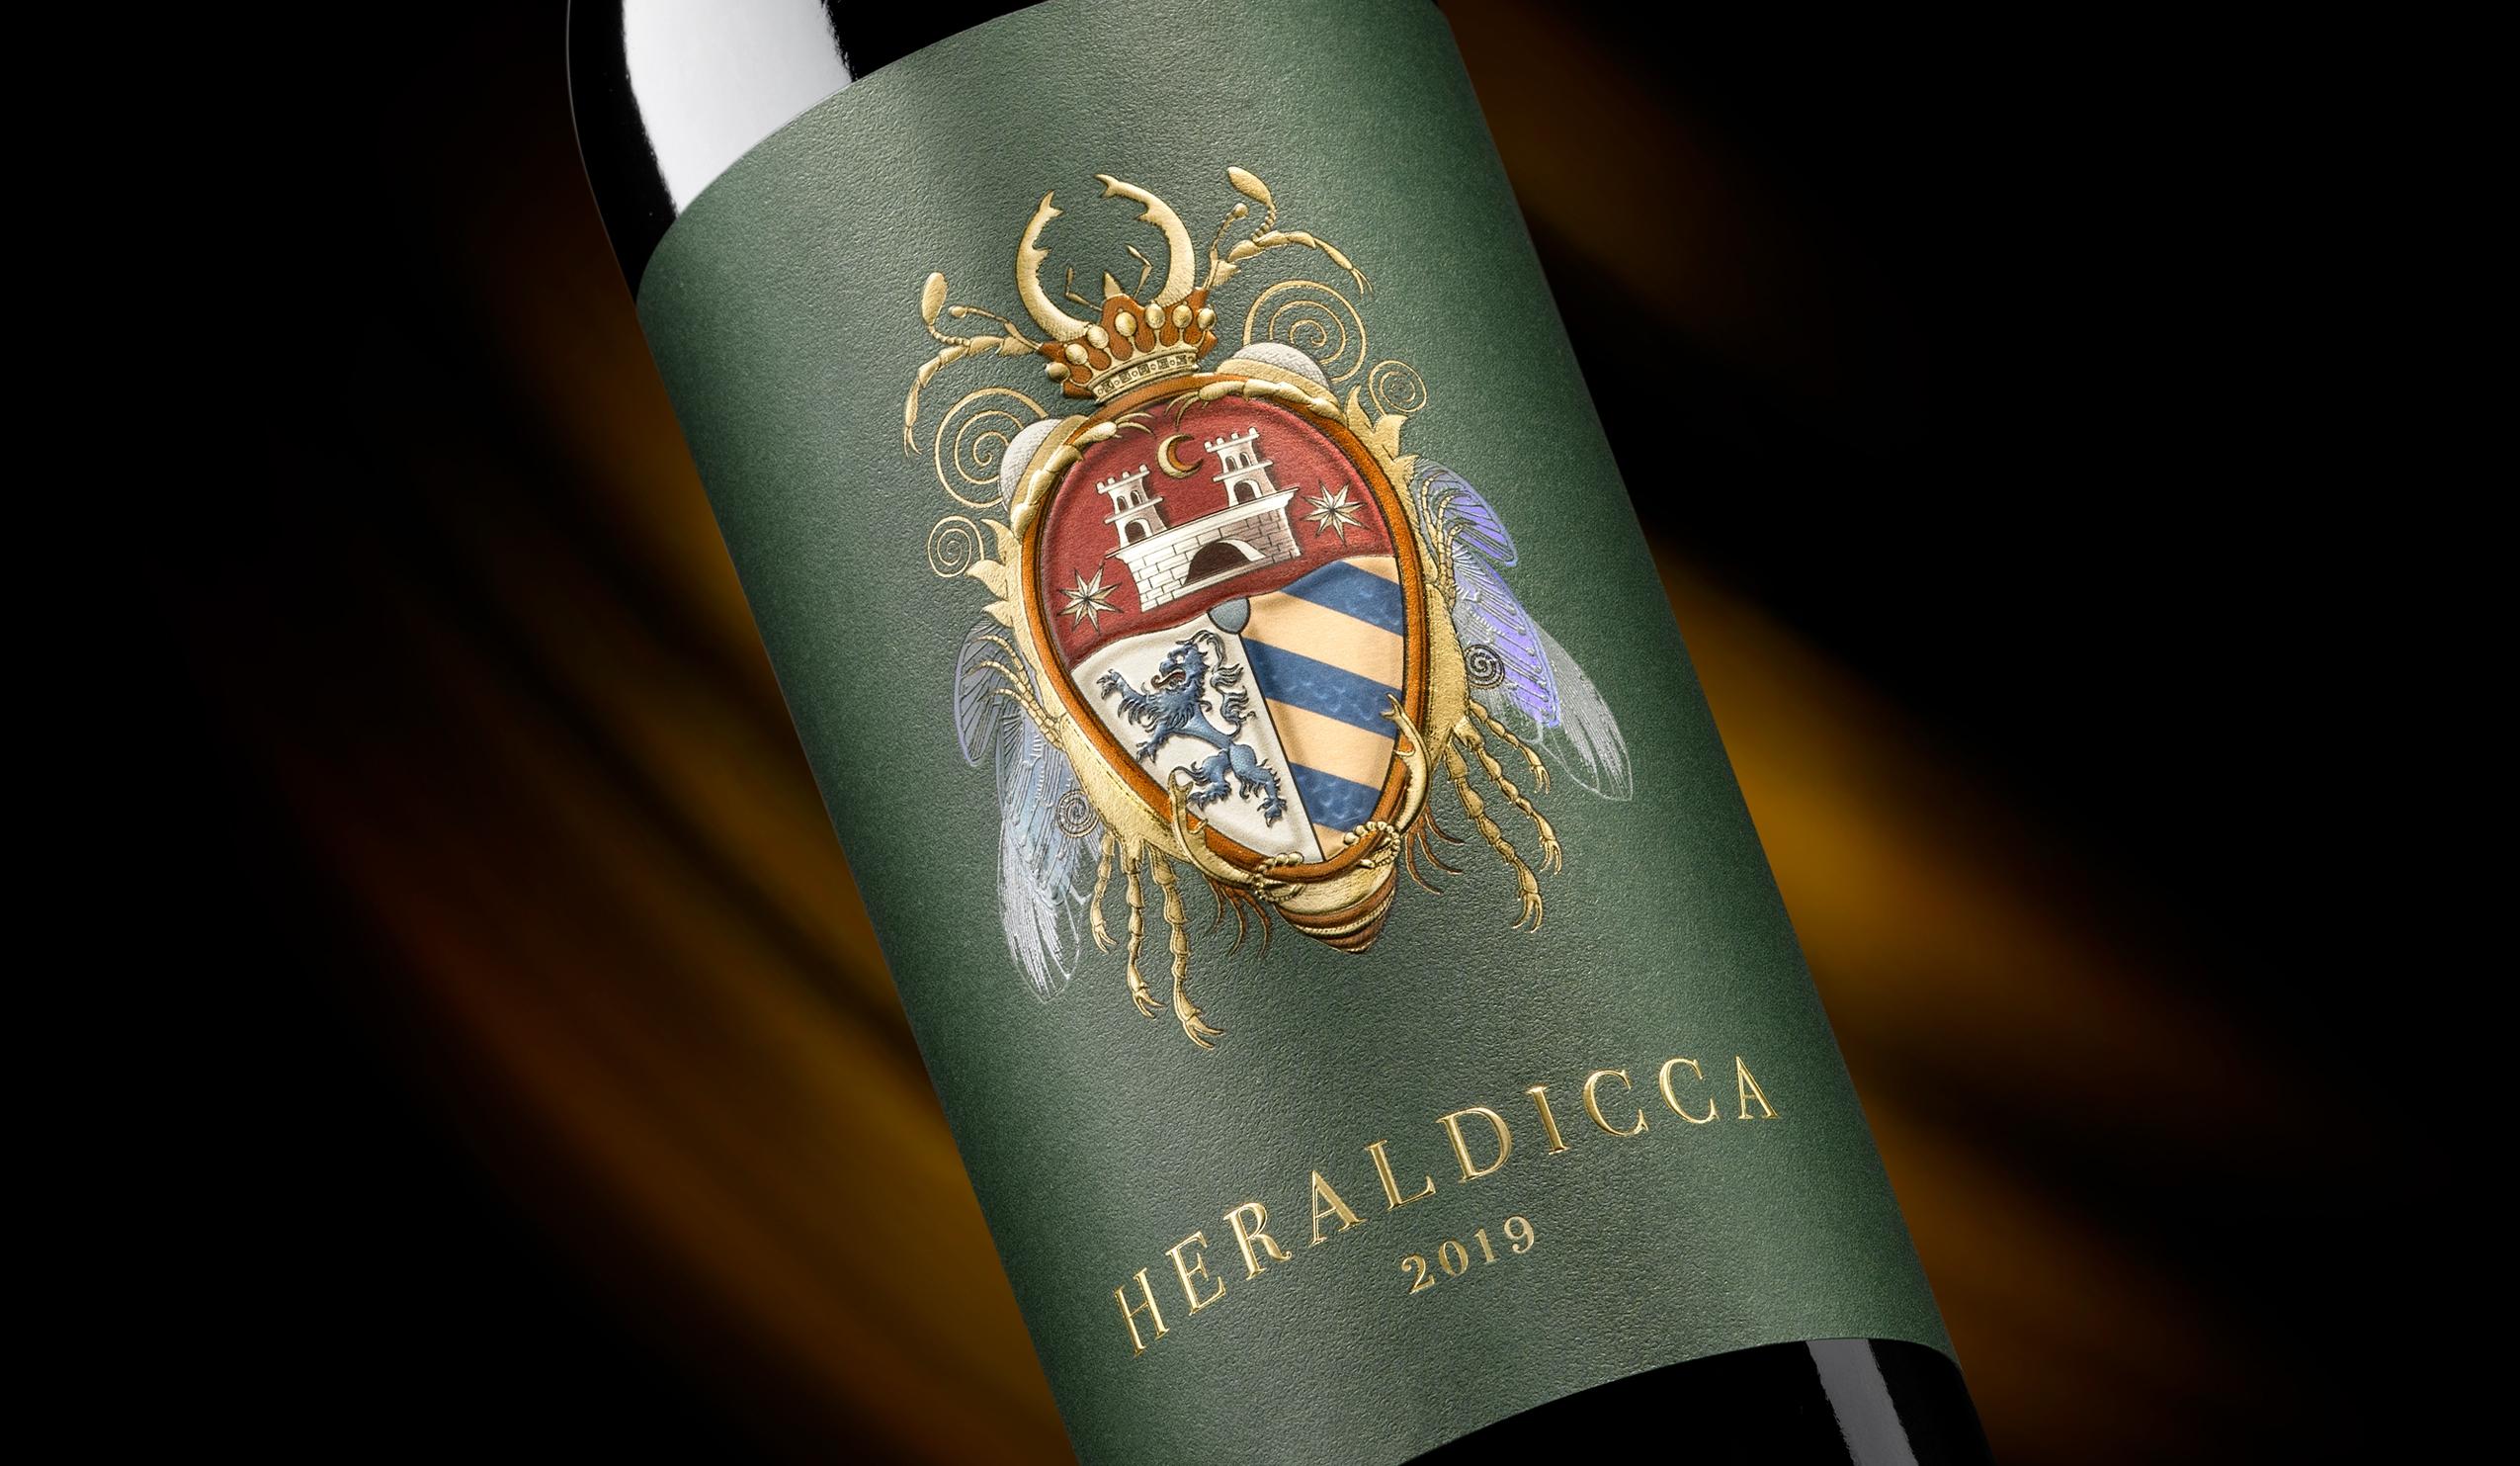 Etiqueta Heraldicca para packaging de vino